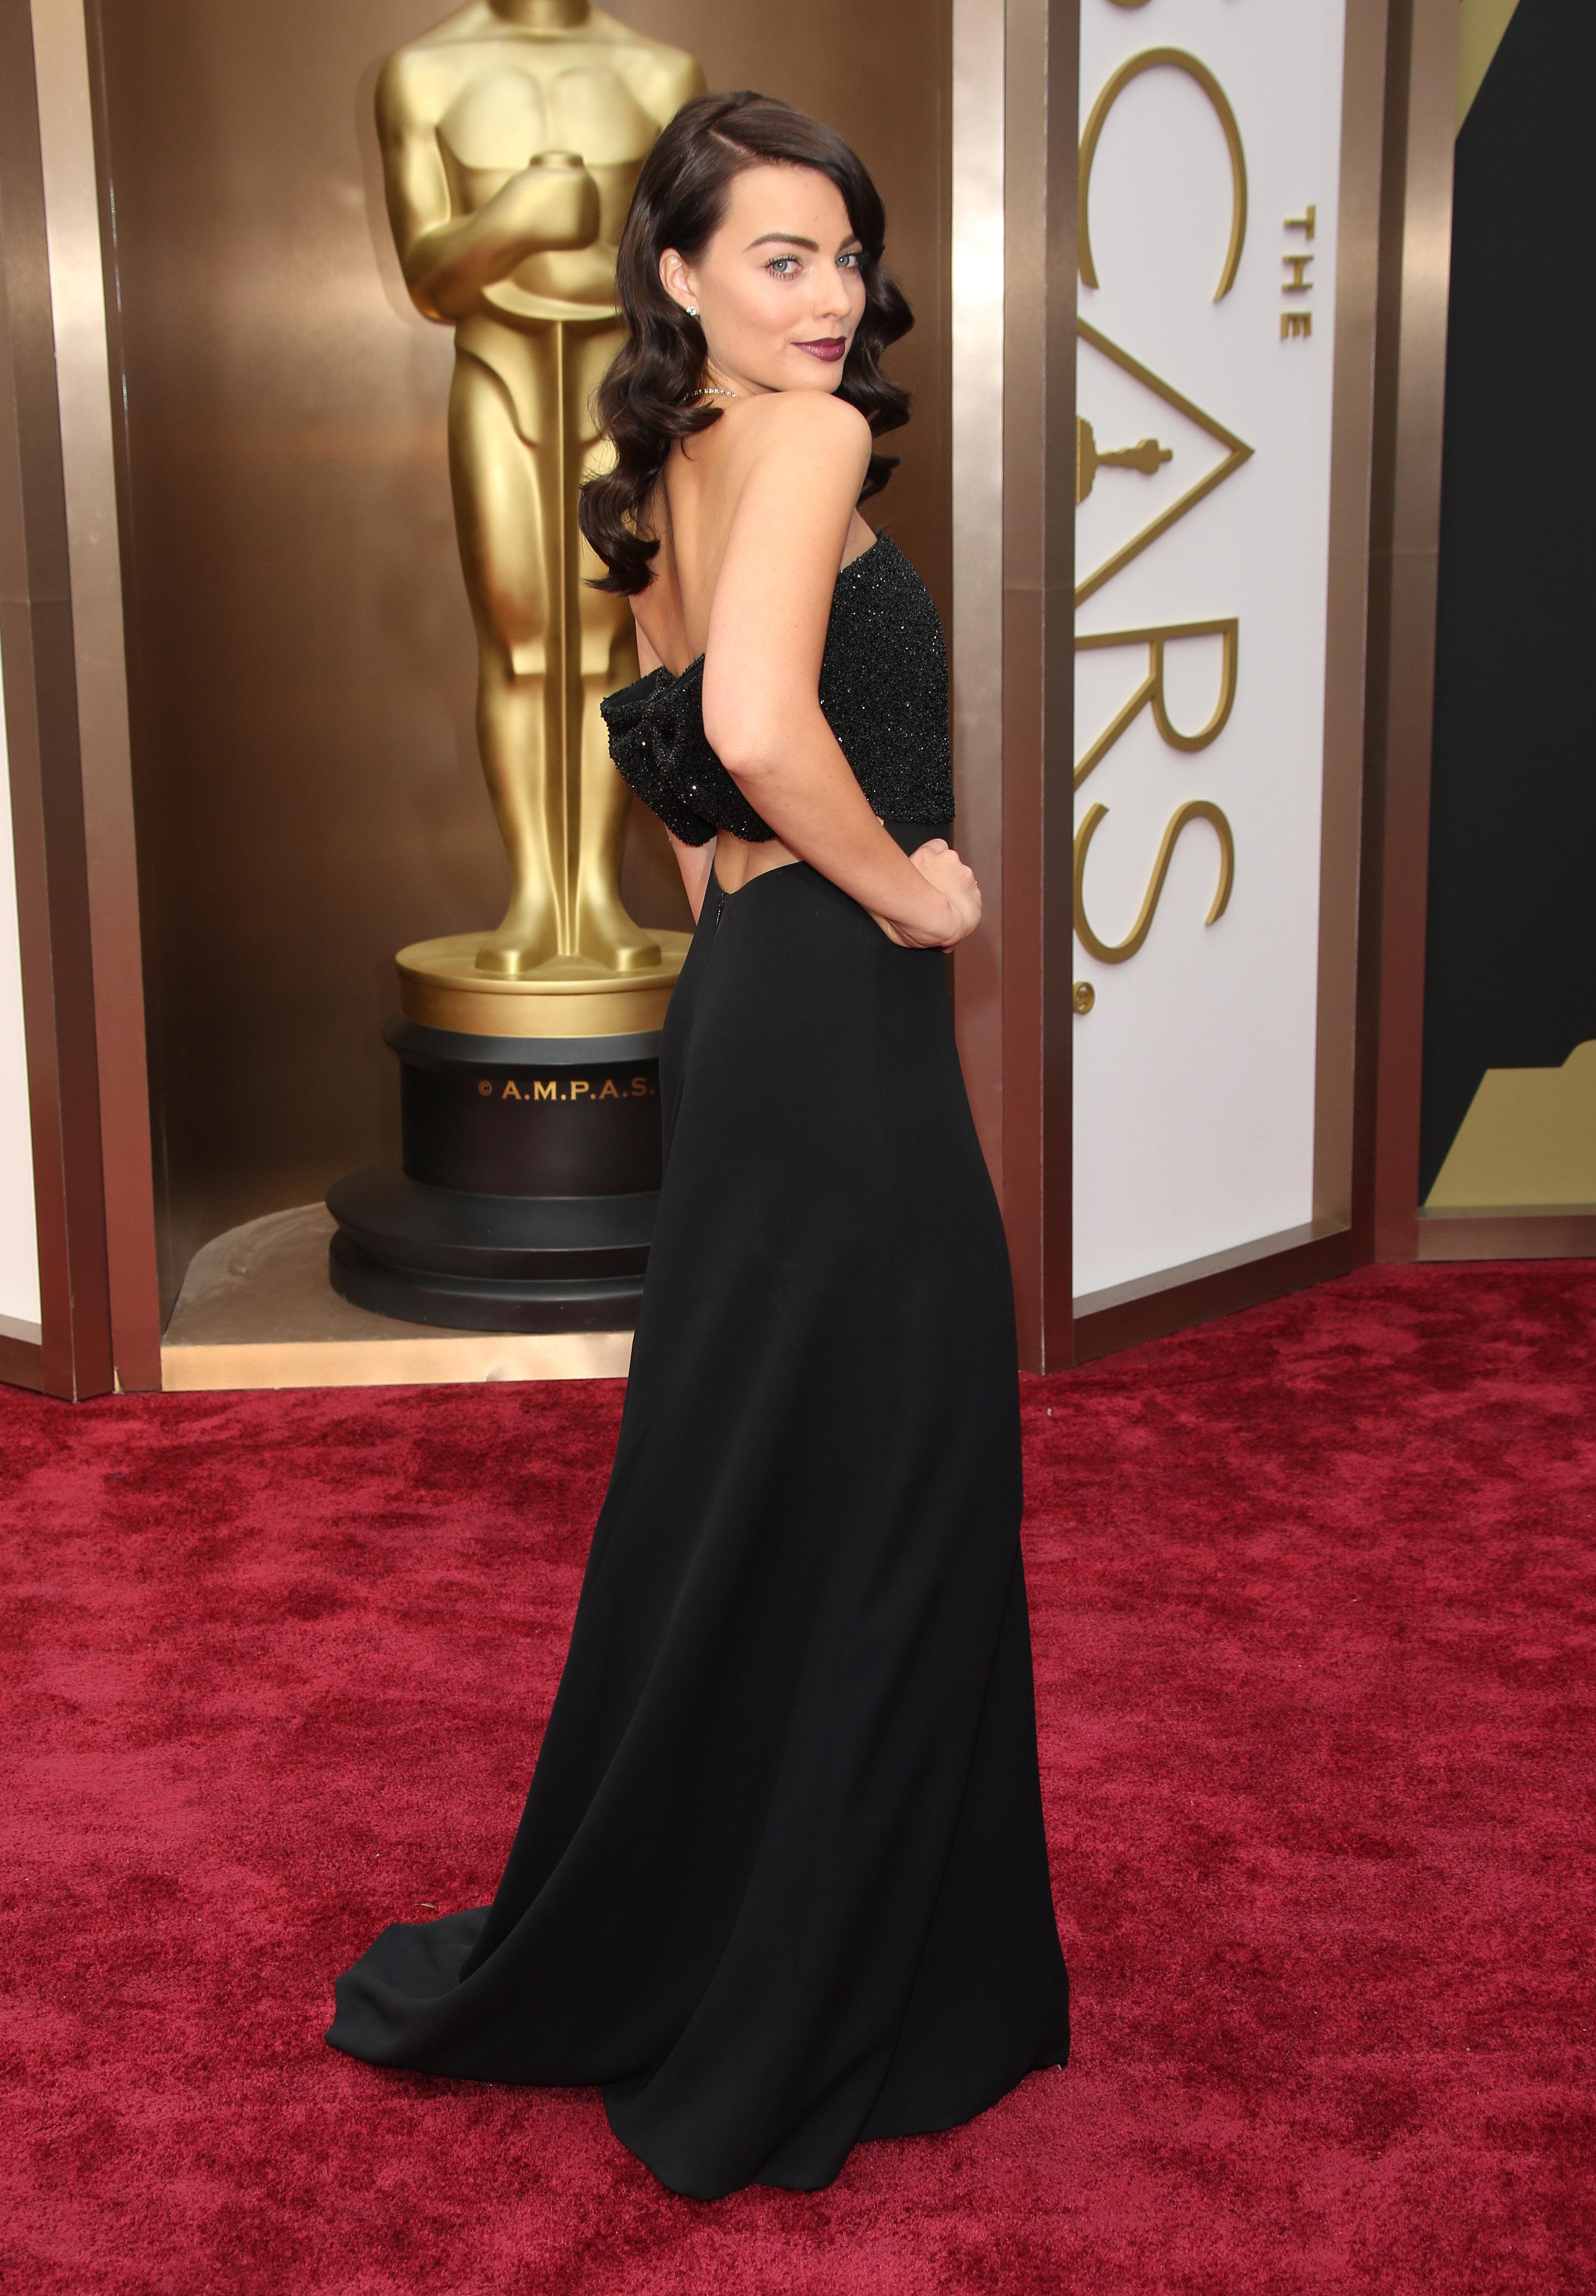 Margot Robbie en la edición 86ª de los premios de la Academia en 2014. La australiana compite este año por el Oscar como mejor actriz de reparto en